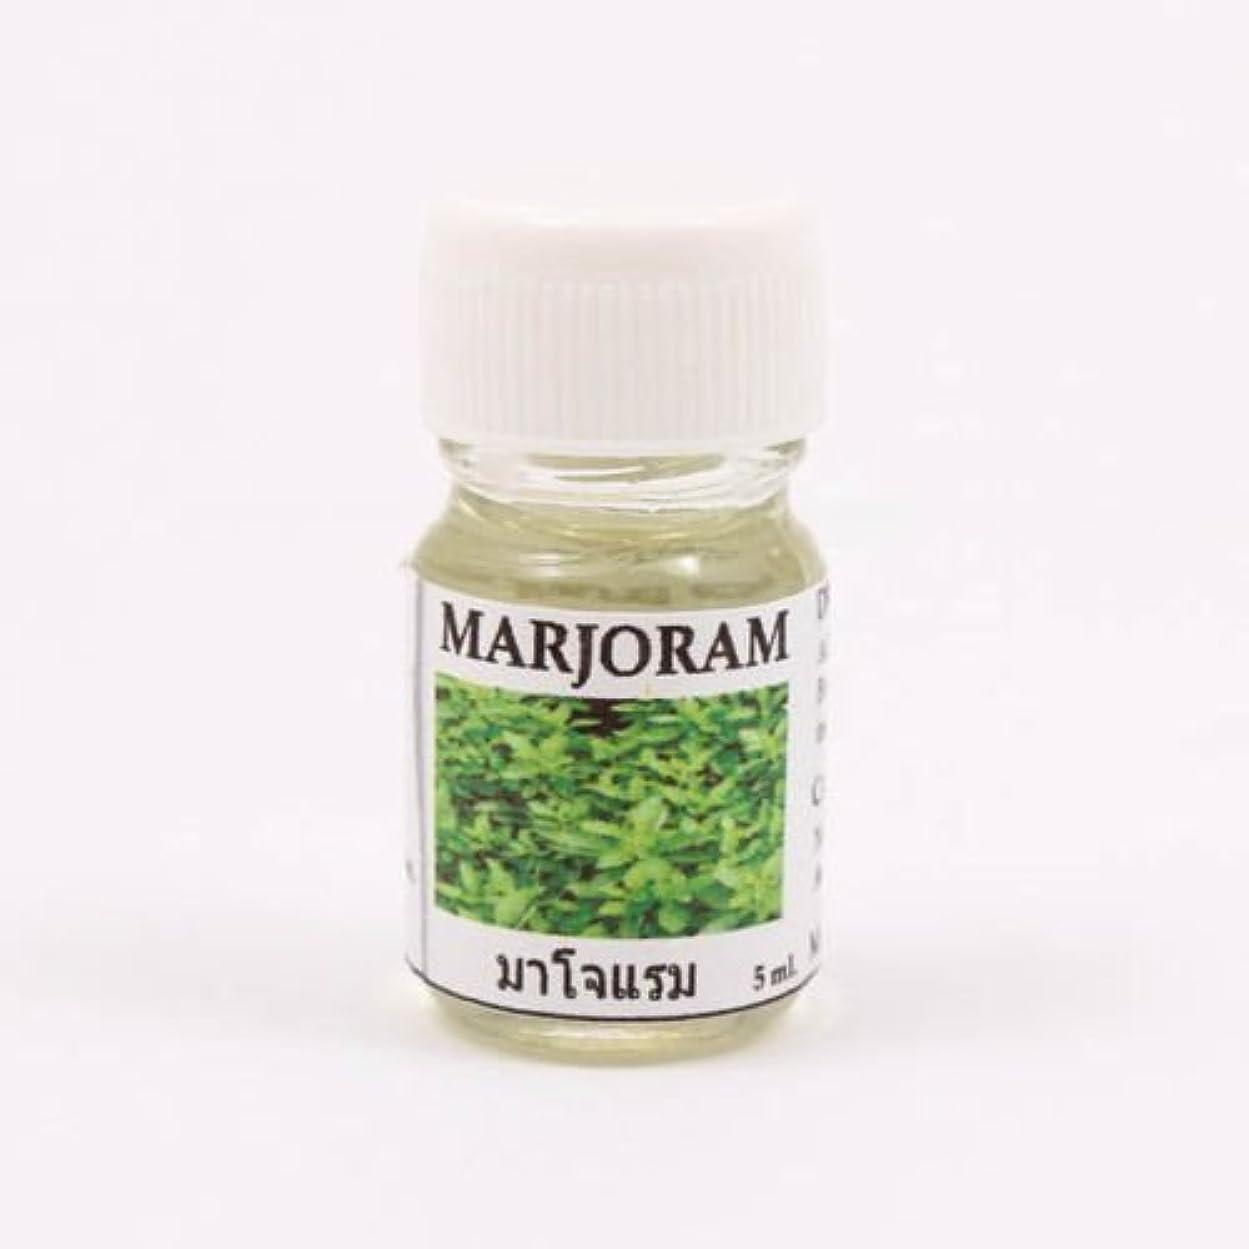 印刷する手入れ抑圧する6X Marjoram Aroma Fragrance Essential Oil 5ML (cc) Diffuser Burner Therapy